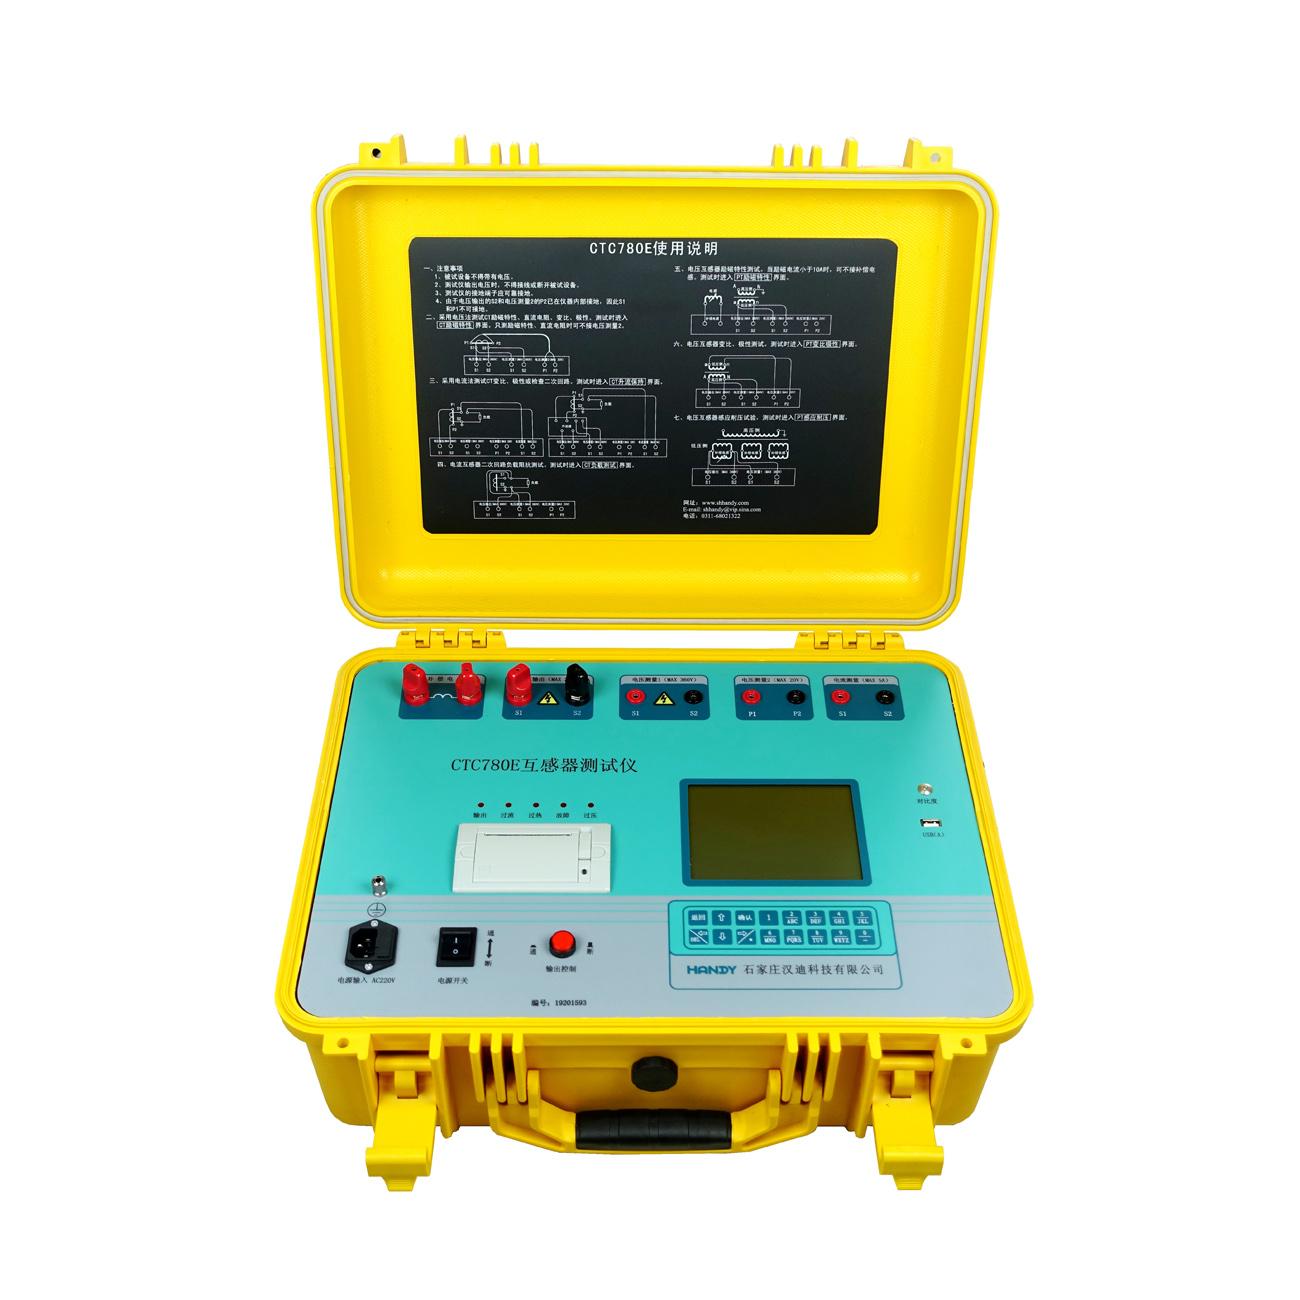 CTC780E互感器测试仪(低频法)